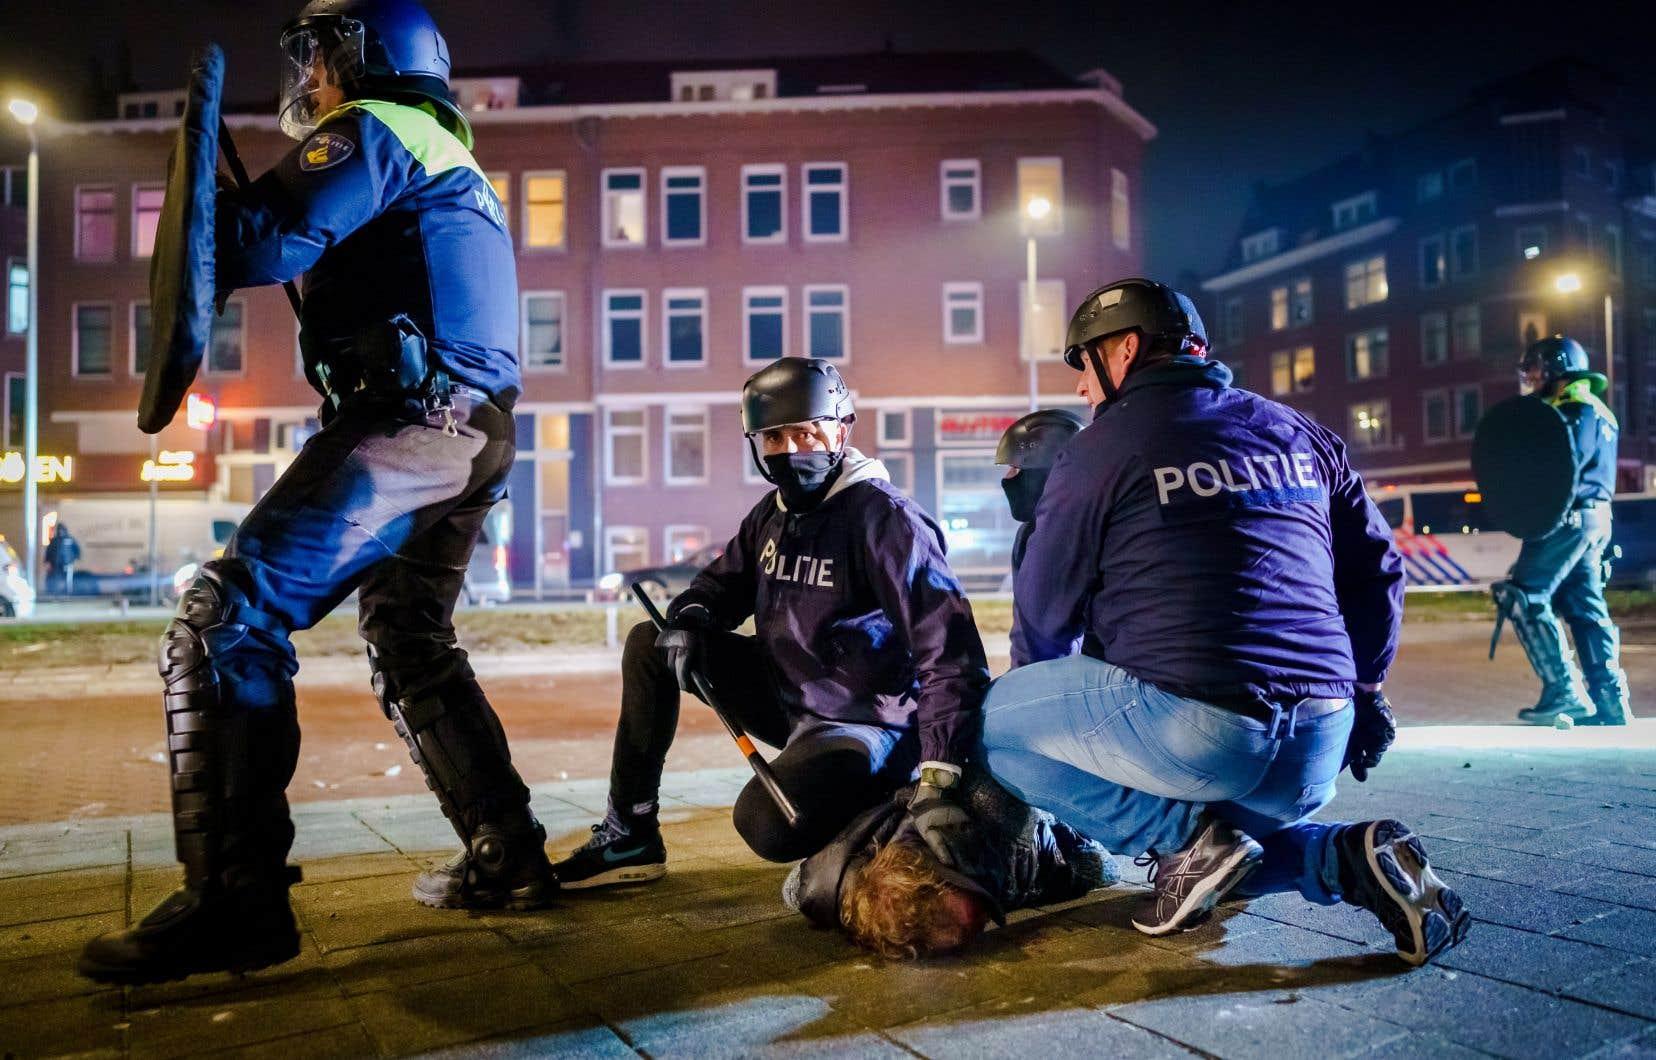 La police néerlandaise a annoncé avoir arrêté au moins 184 personnes pour leur participation aux violentes émeutes.